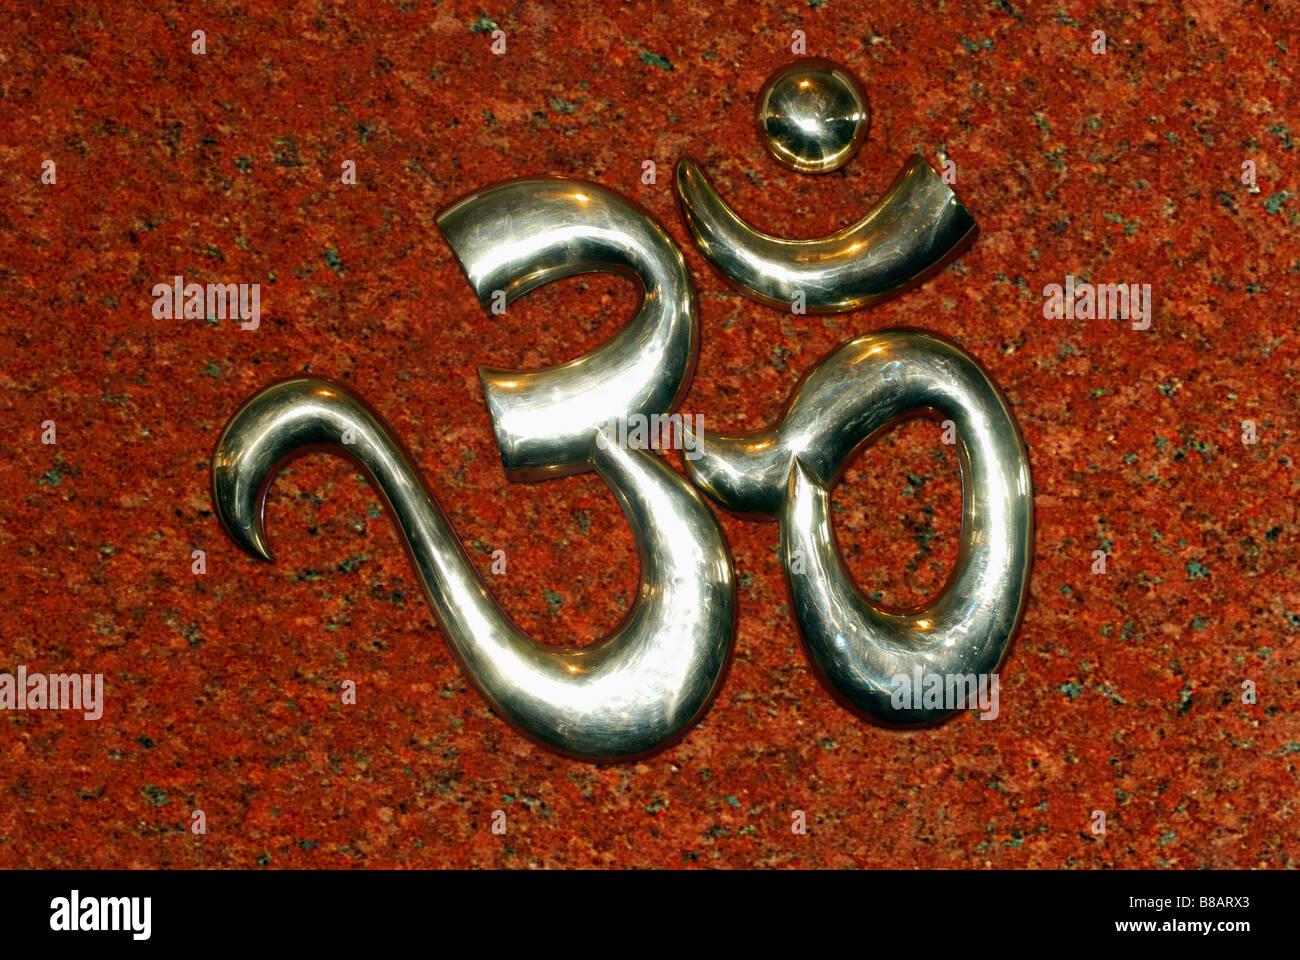 Om, an holy symbol, in a temple near Akluj, Maharashtra, India. - Stock Image